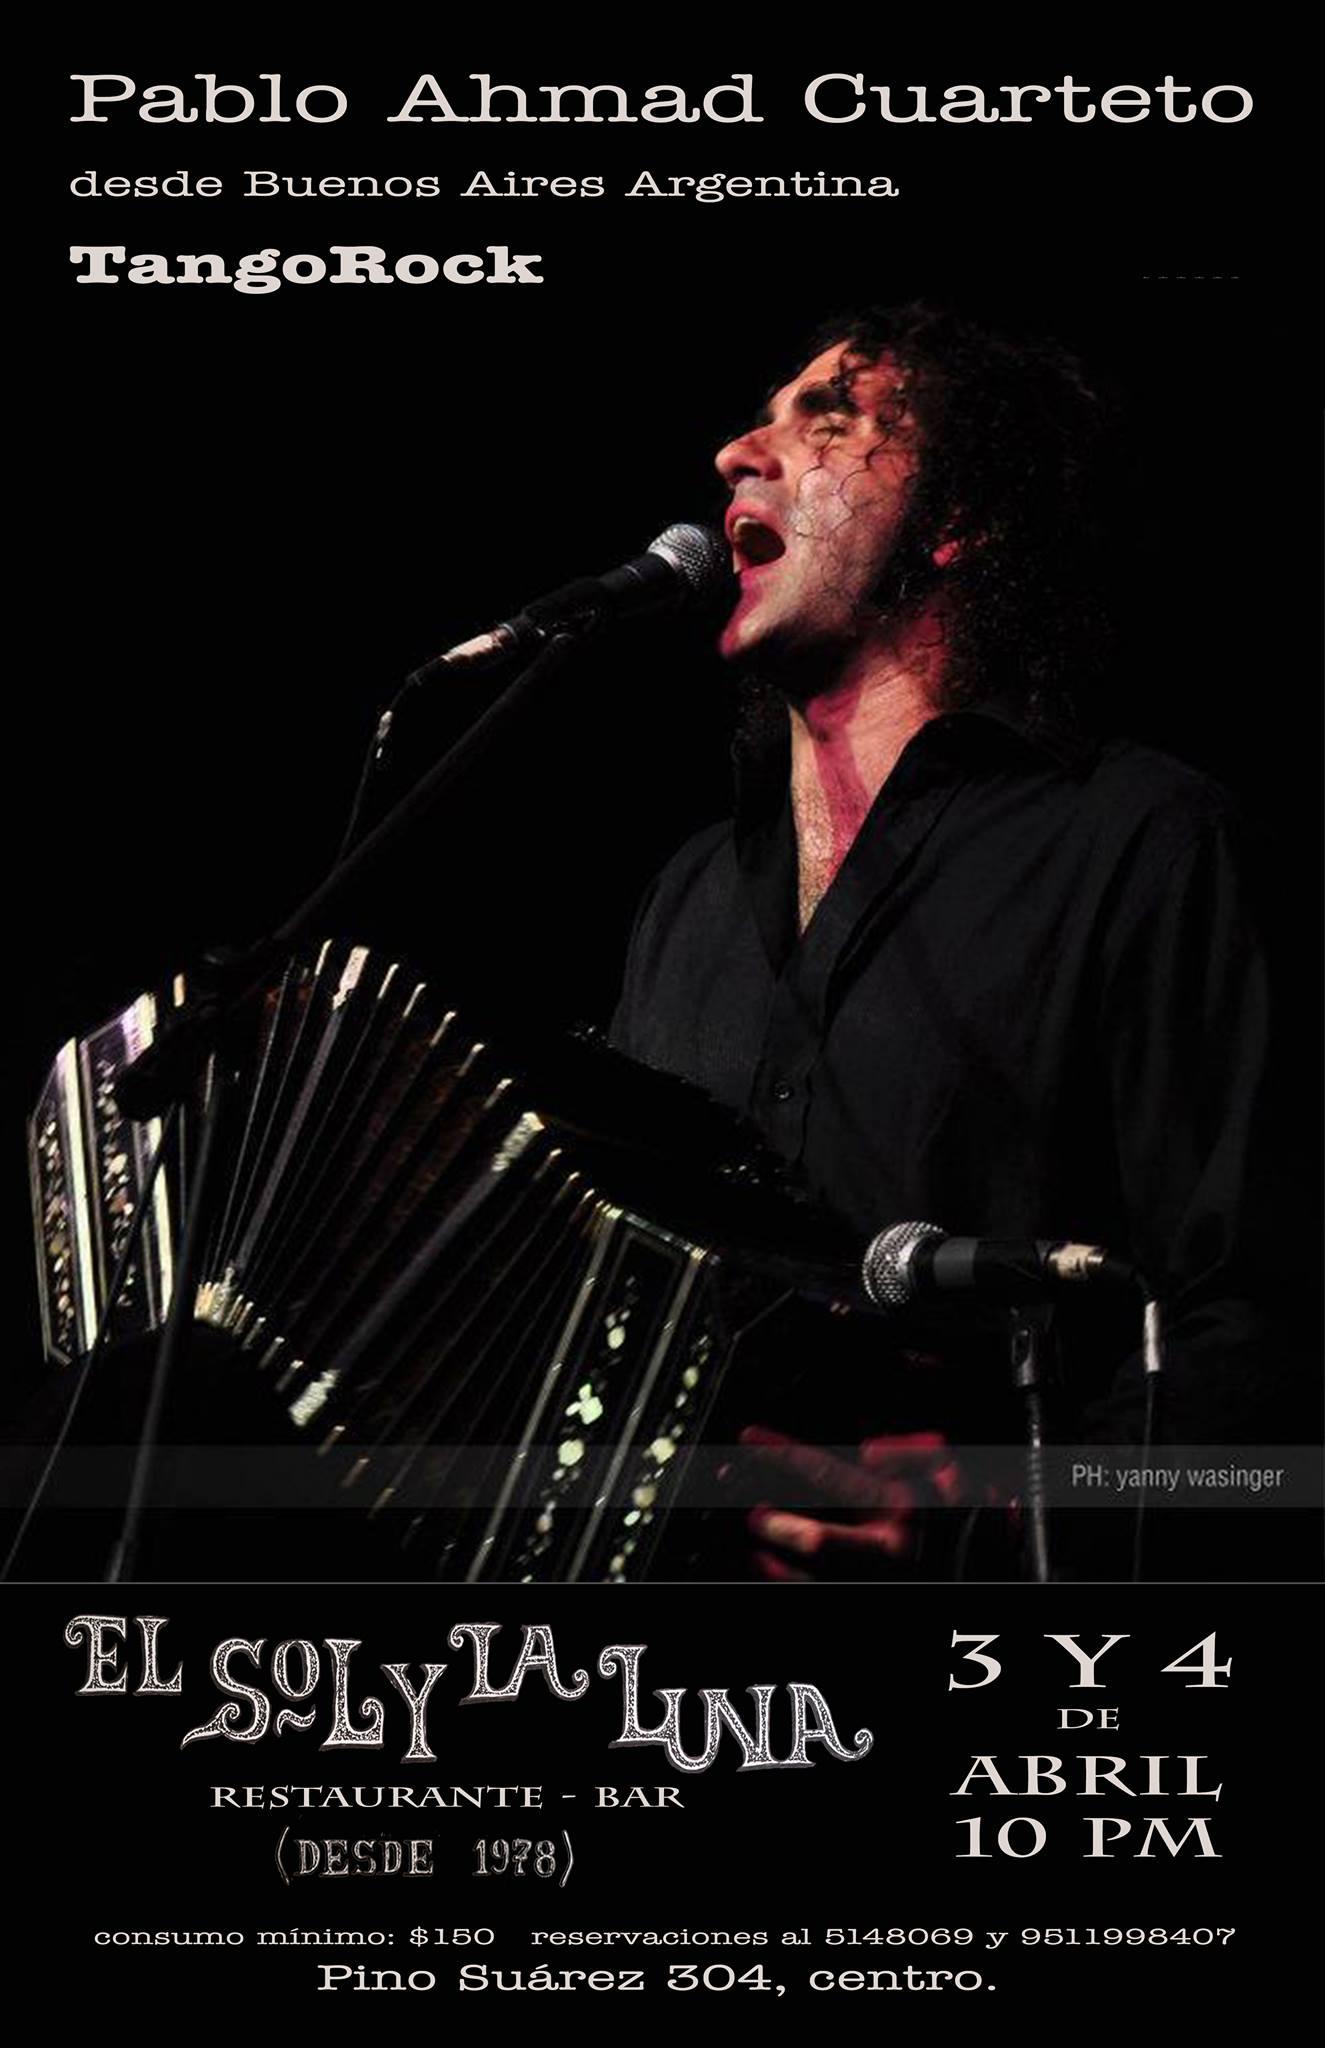 Pablo Ahmad y su cuarteto Tango Rock